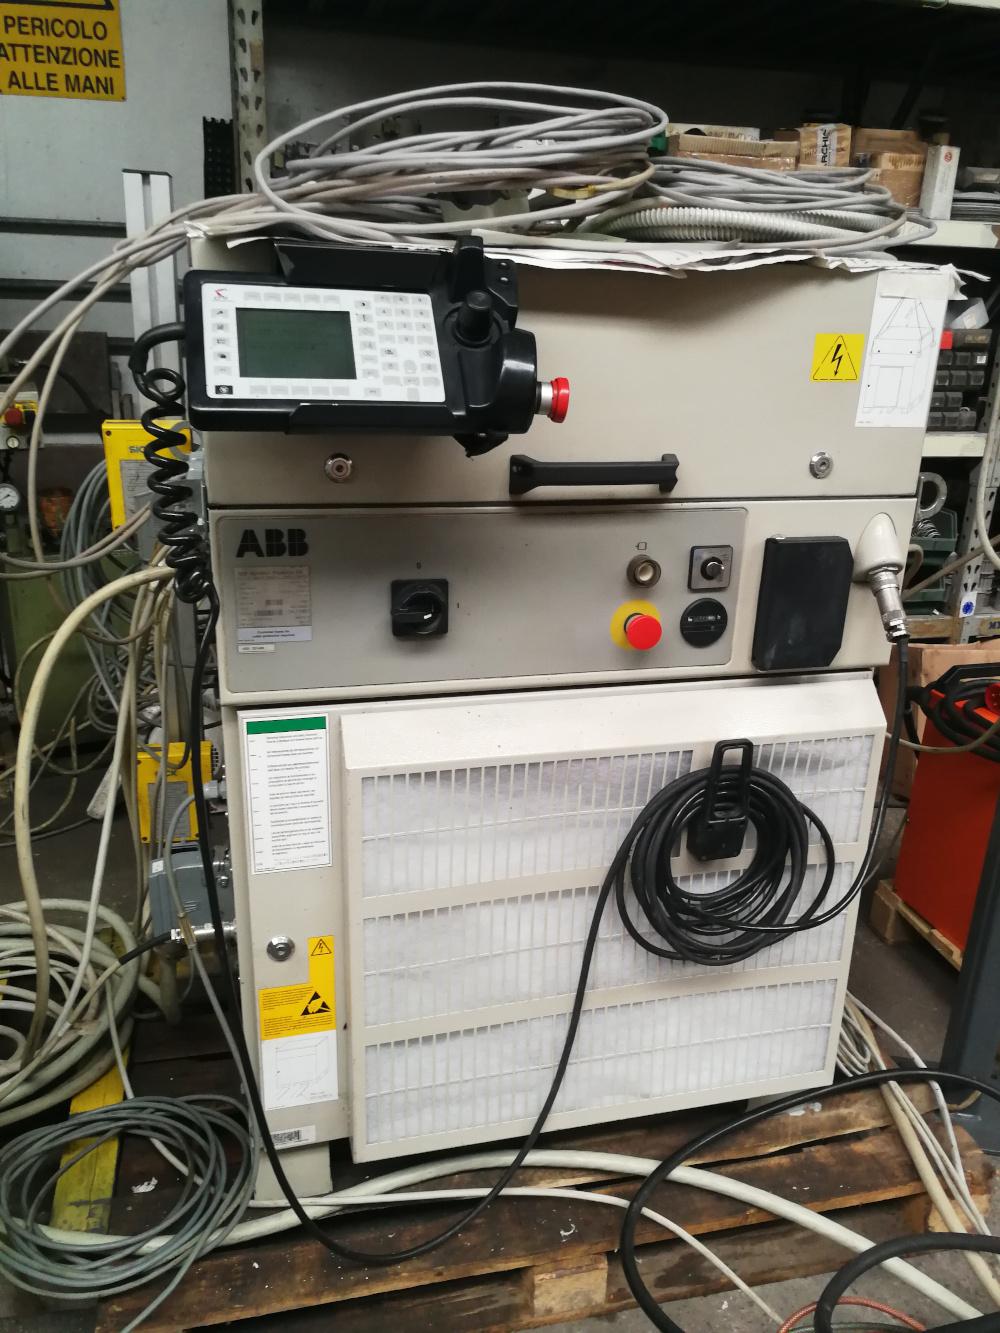 Isola Robot ABB Irb 1400 doppio tornio in vendita - foto 5